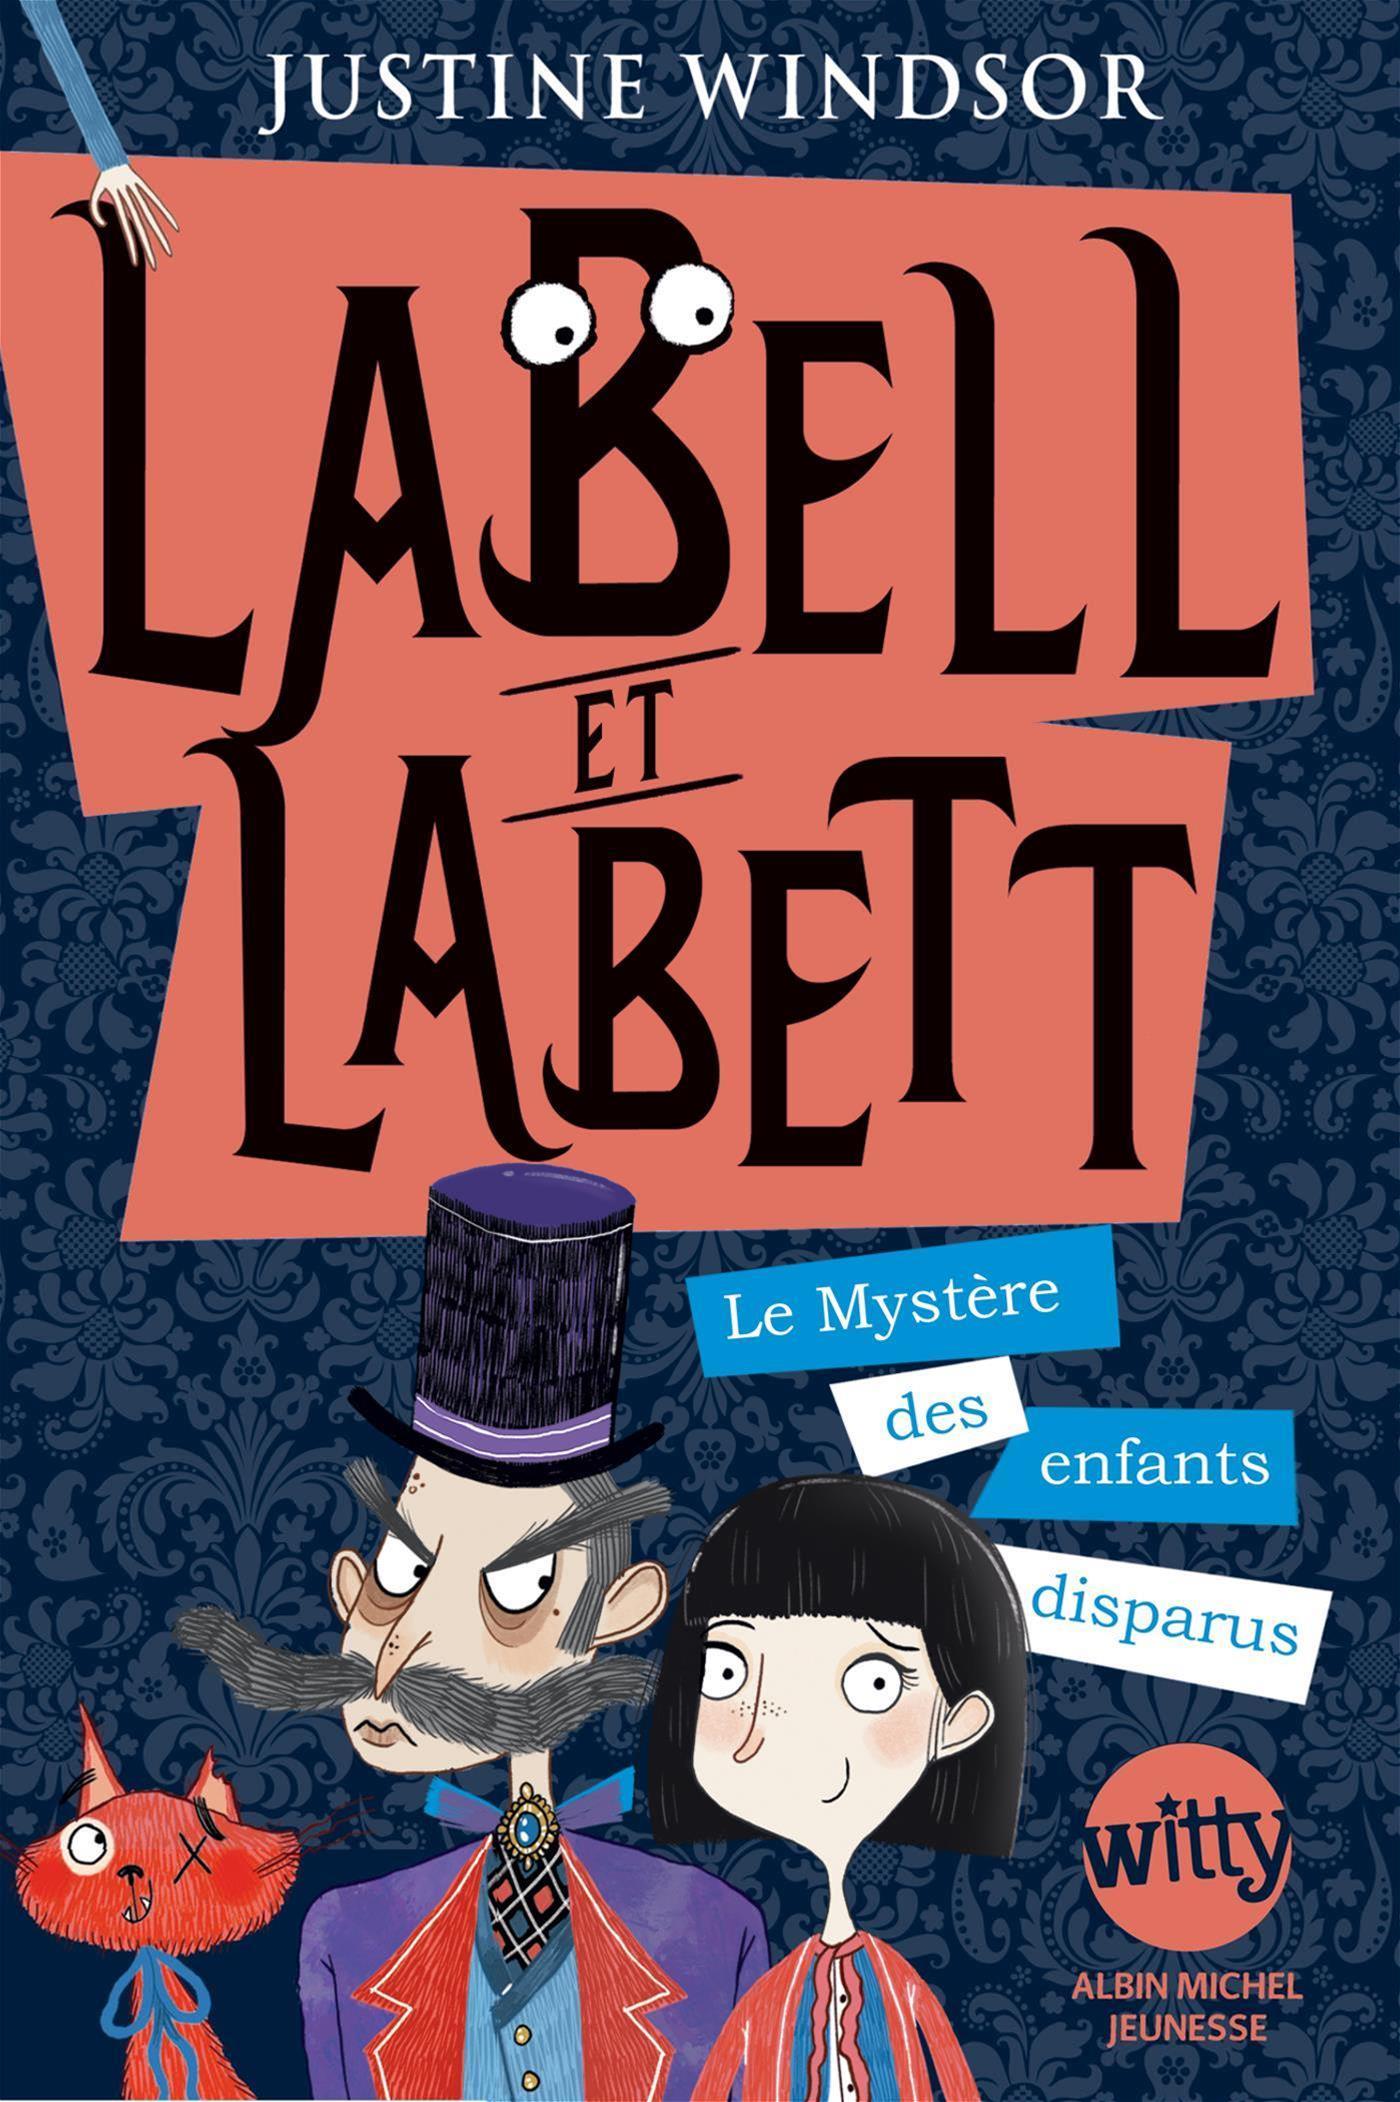 Labell et Labett - tome 1